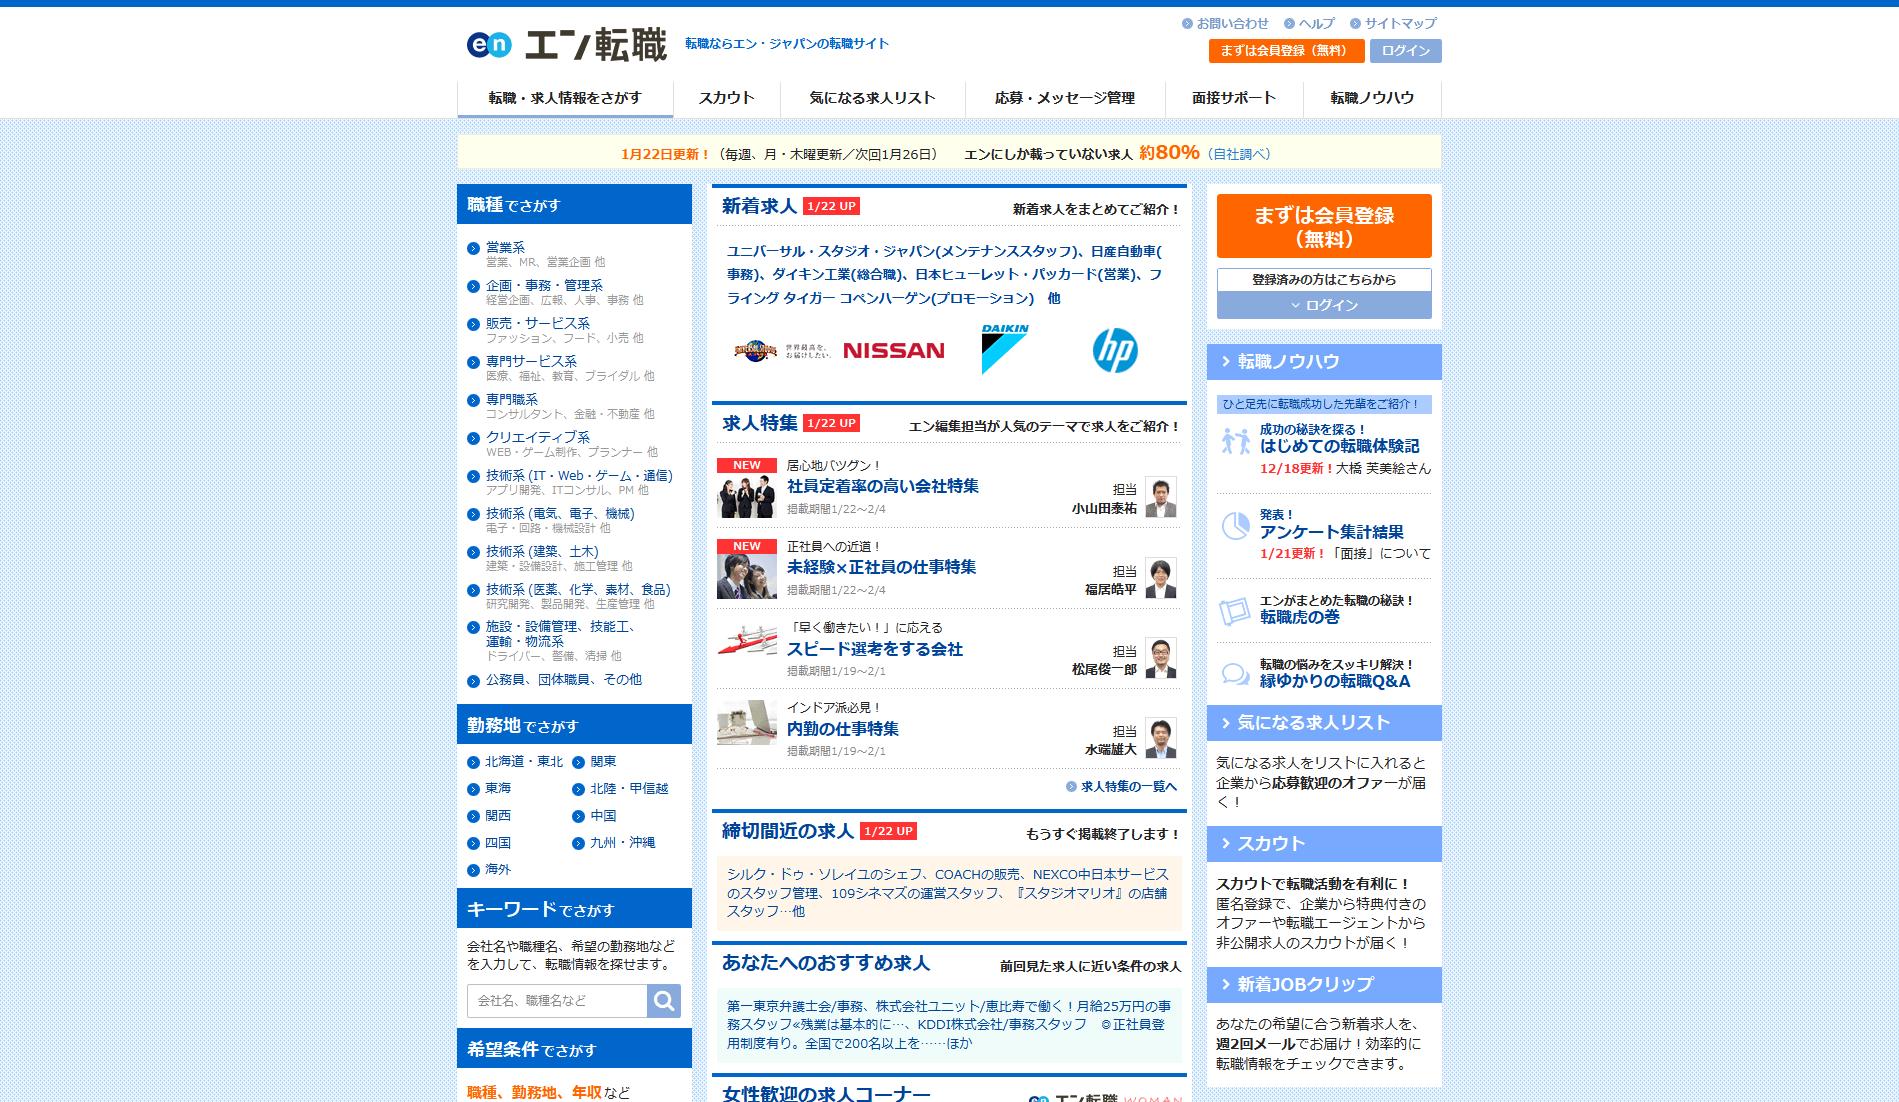 転職サイトなら日本最大級の【エン転職】 エンジャパン